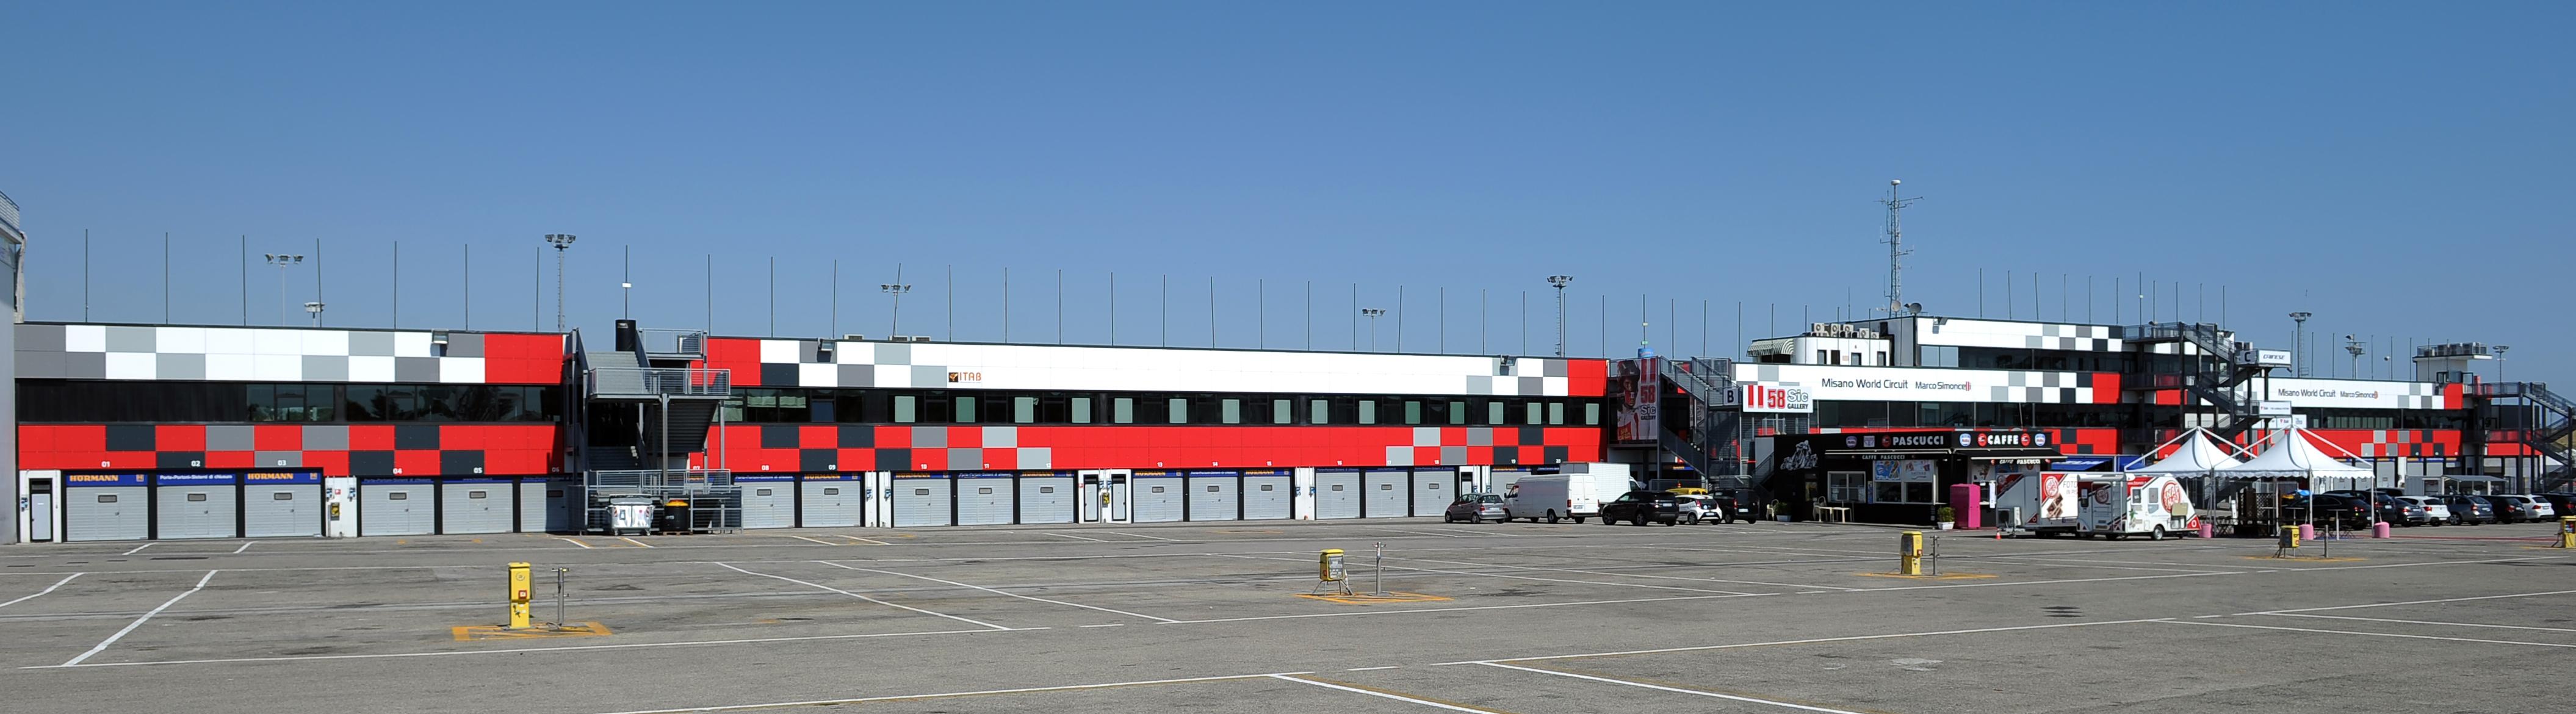 Foto-da-Piazzale-Paddock-facciata-completa-da-M-alta